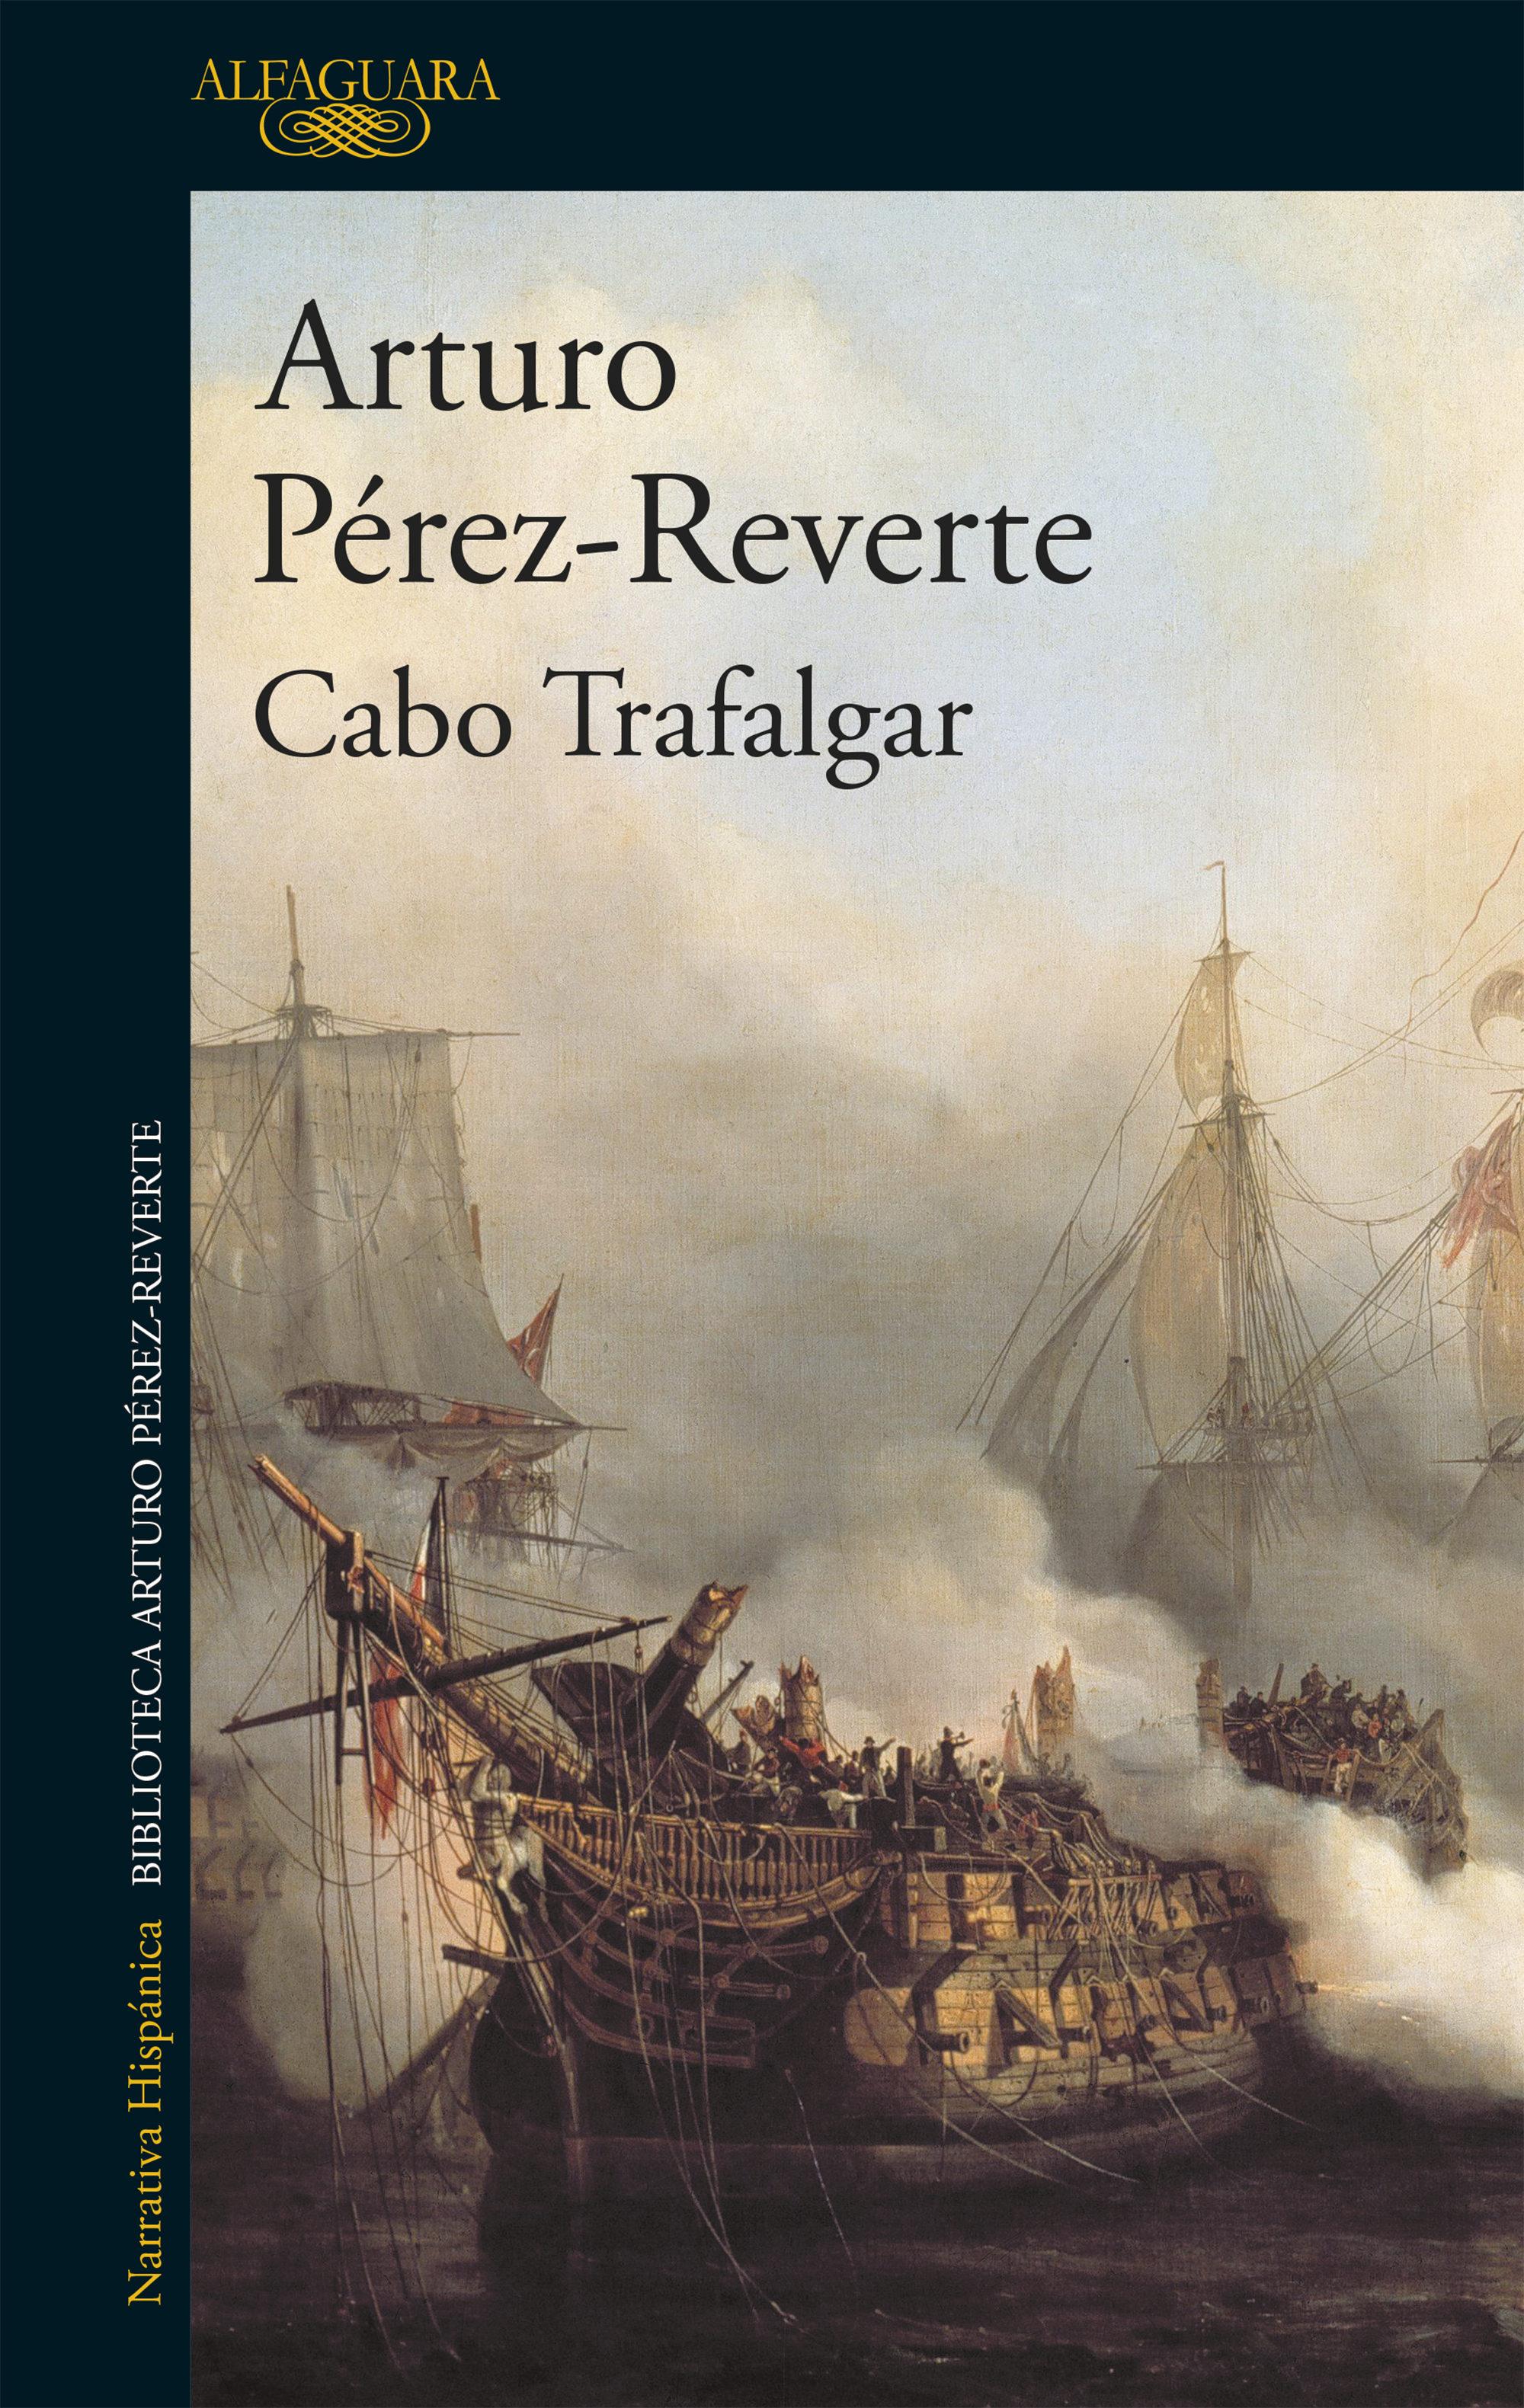 Cabo Trafalgar - ARTURO PEREZ-REVERTE - Alfaguara